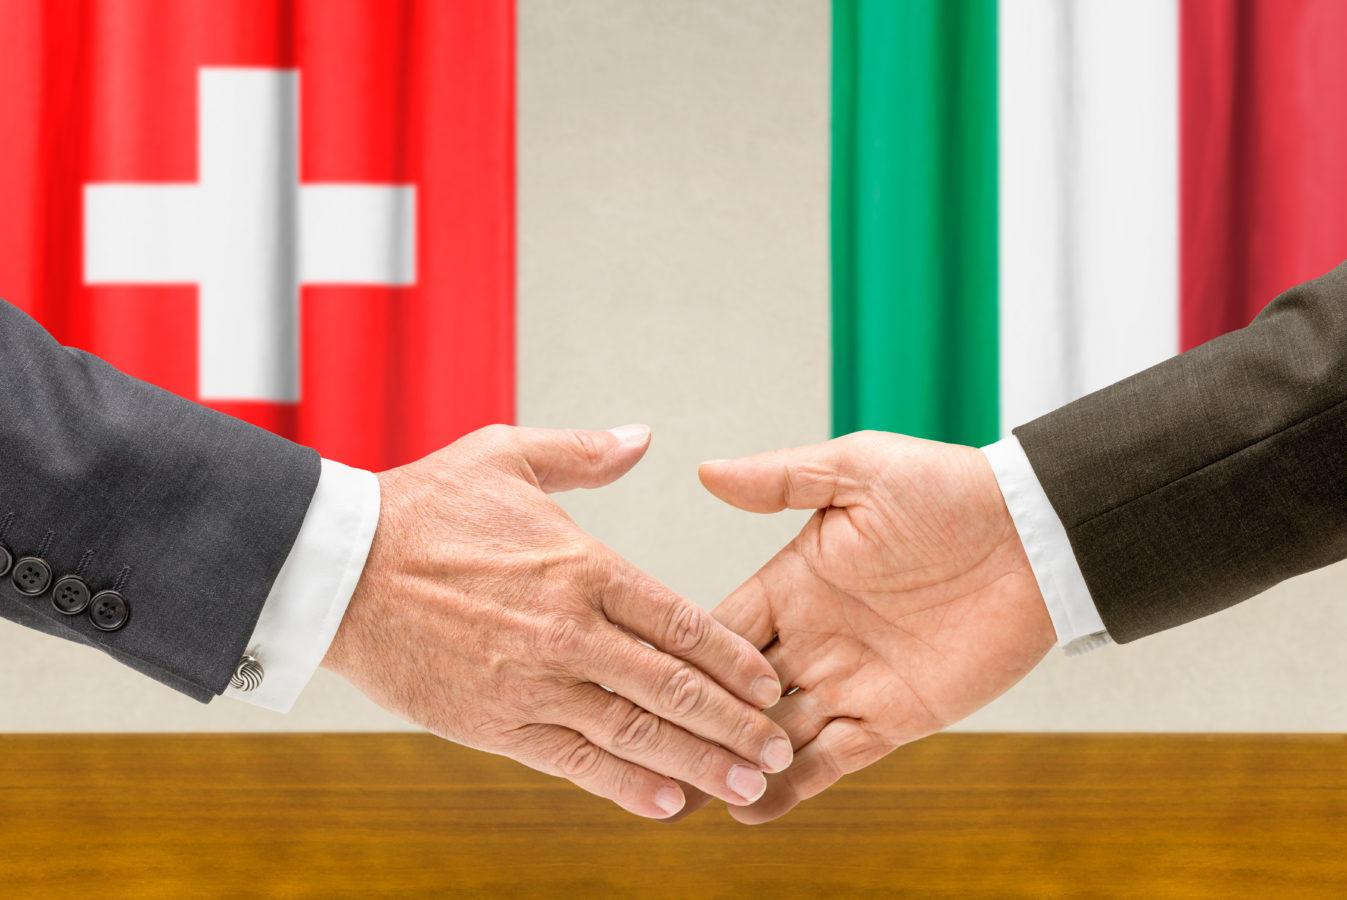 Premier round de négociations fiscales et financières entre la Suisse et l'Italie